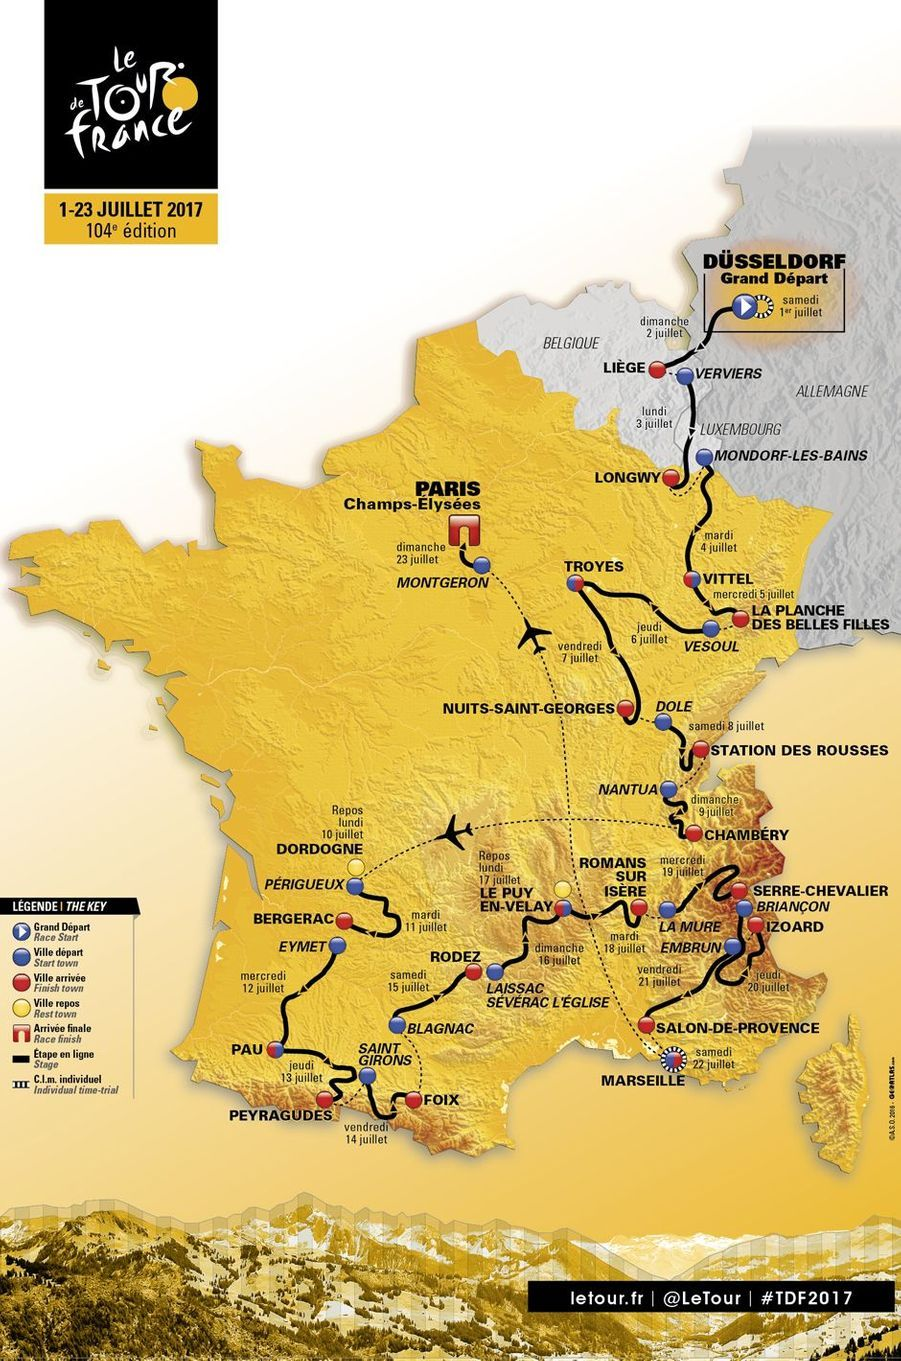 1er juillet 2017 : départ du Tour de France, donné à Düsseldorf (Allemagne).